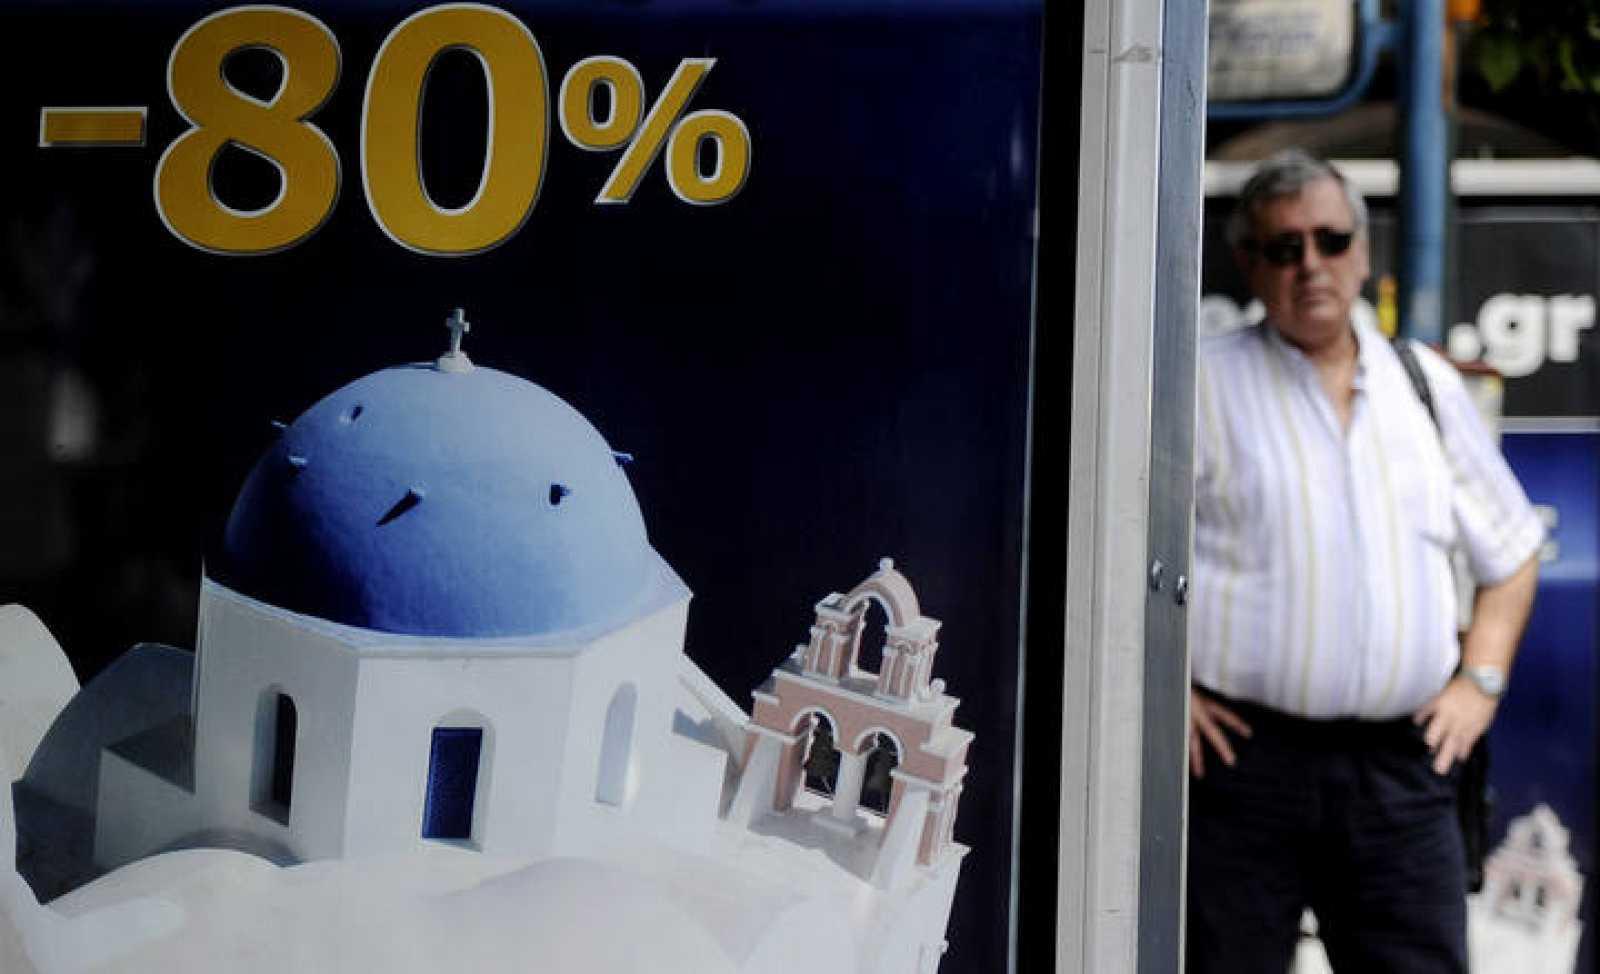 Grecia recibirá los 12.000 millones del quinto tramo tras los ajustes aprobados